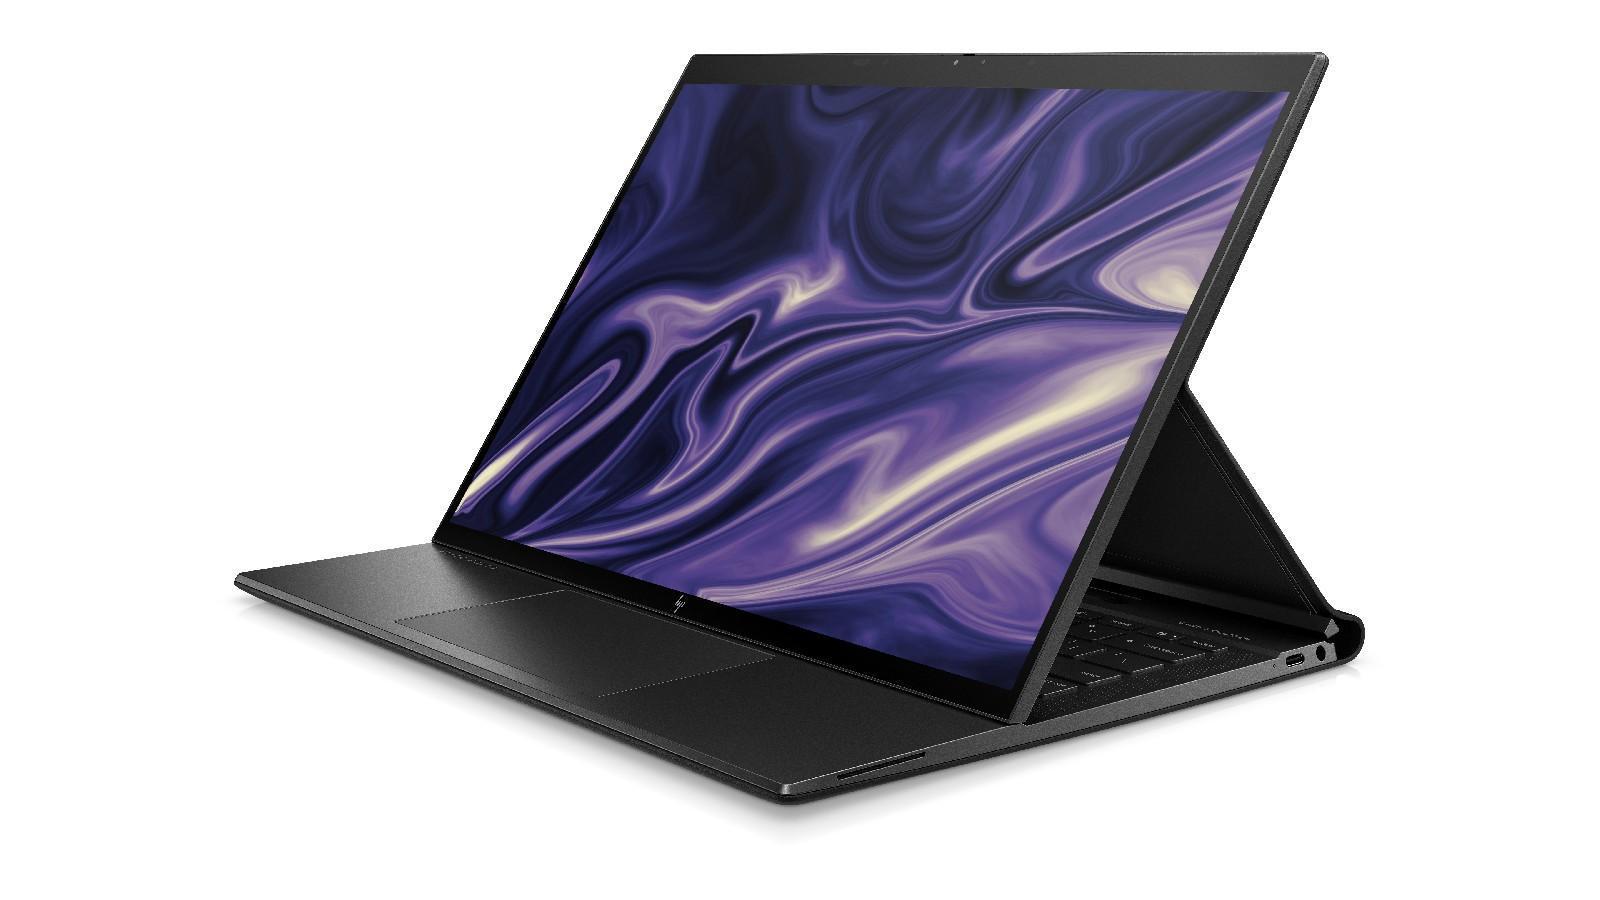 CES 2021: Деловой ноутбук HP Elite Folio в кожаном корпусе использует процессор Snapdragon (91696883 5214 11eb aff9 23d94abd4f73)